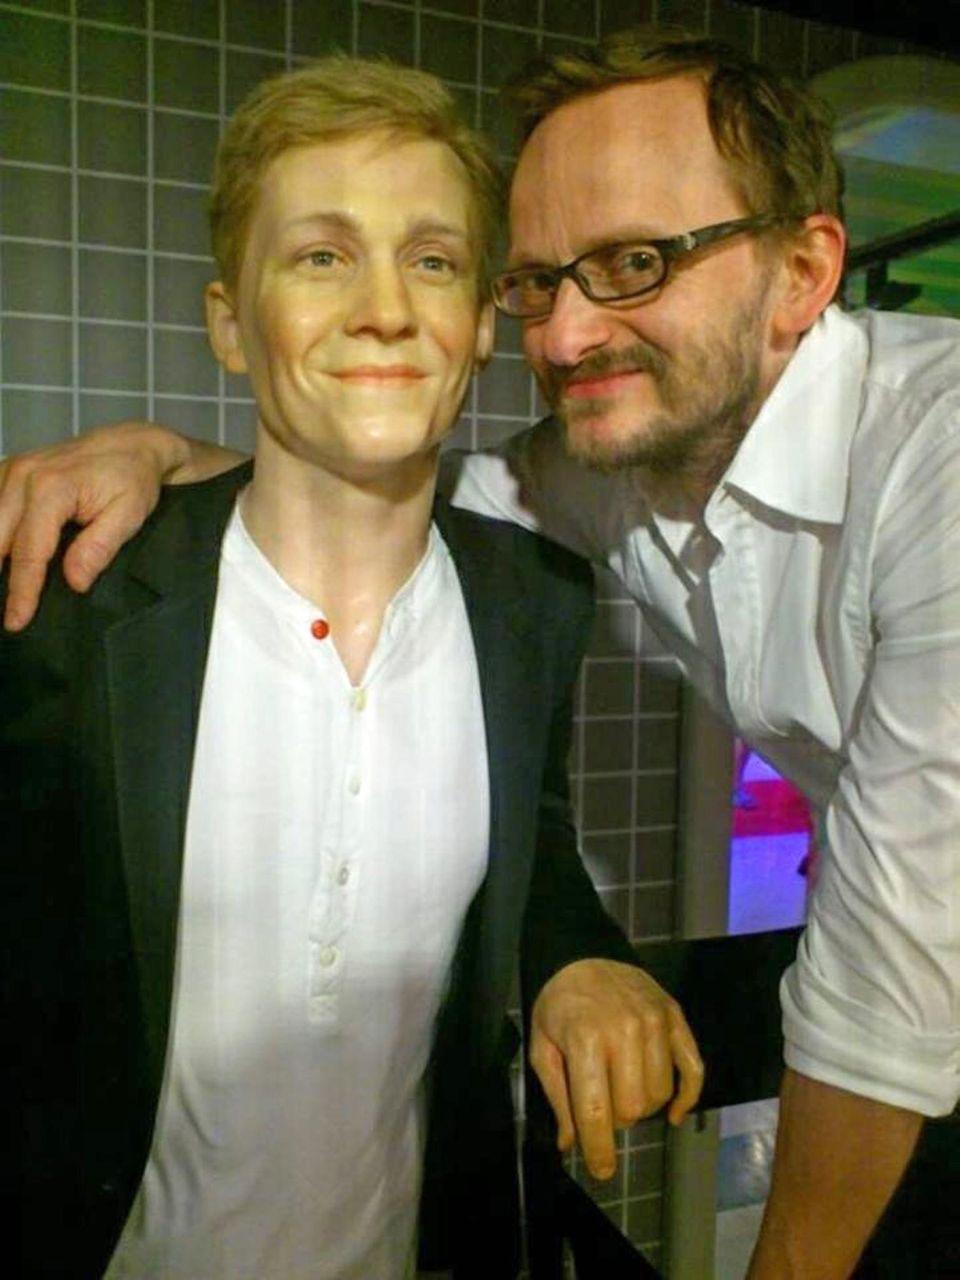 """Wer ist denn nun aus Wachs? Matthias Schweighöfer postet dieses Foto vom Besuch des Schauspielkollegen Milan Peschel bei Schweighöfers Wachsfigur im """"Madame Tussauds"""" in Berlin. Dazu schreibt er: """"Schaut mal! Jetzt gibt es Milan Peschel auch als Wachsfigur. Habe ihn mir eben bei Madame Tussauds angeschaut..."""""""